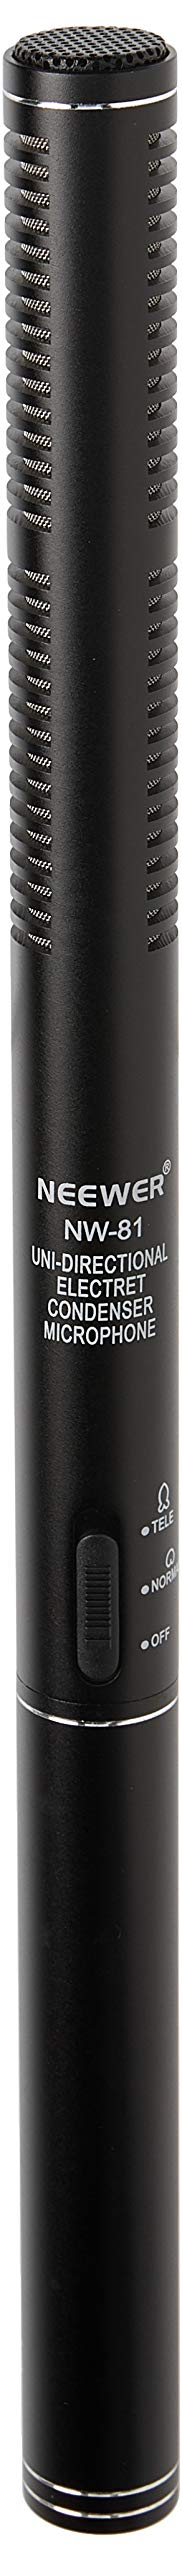 Neewer Micrófono condensador PRO para videocámaras